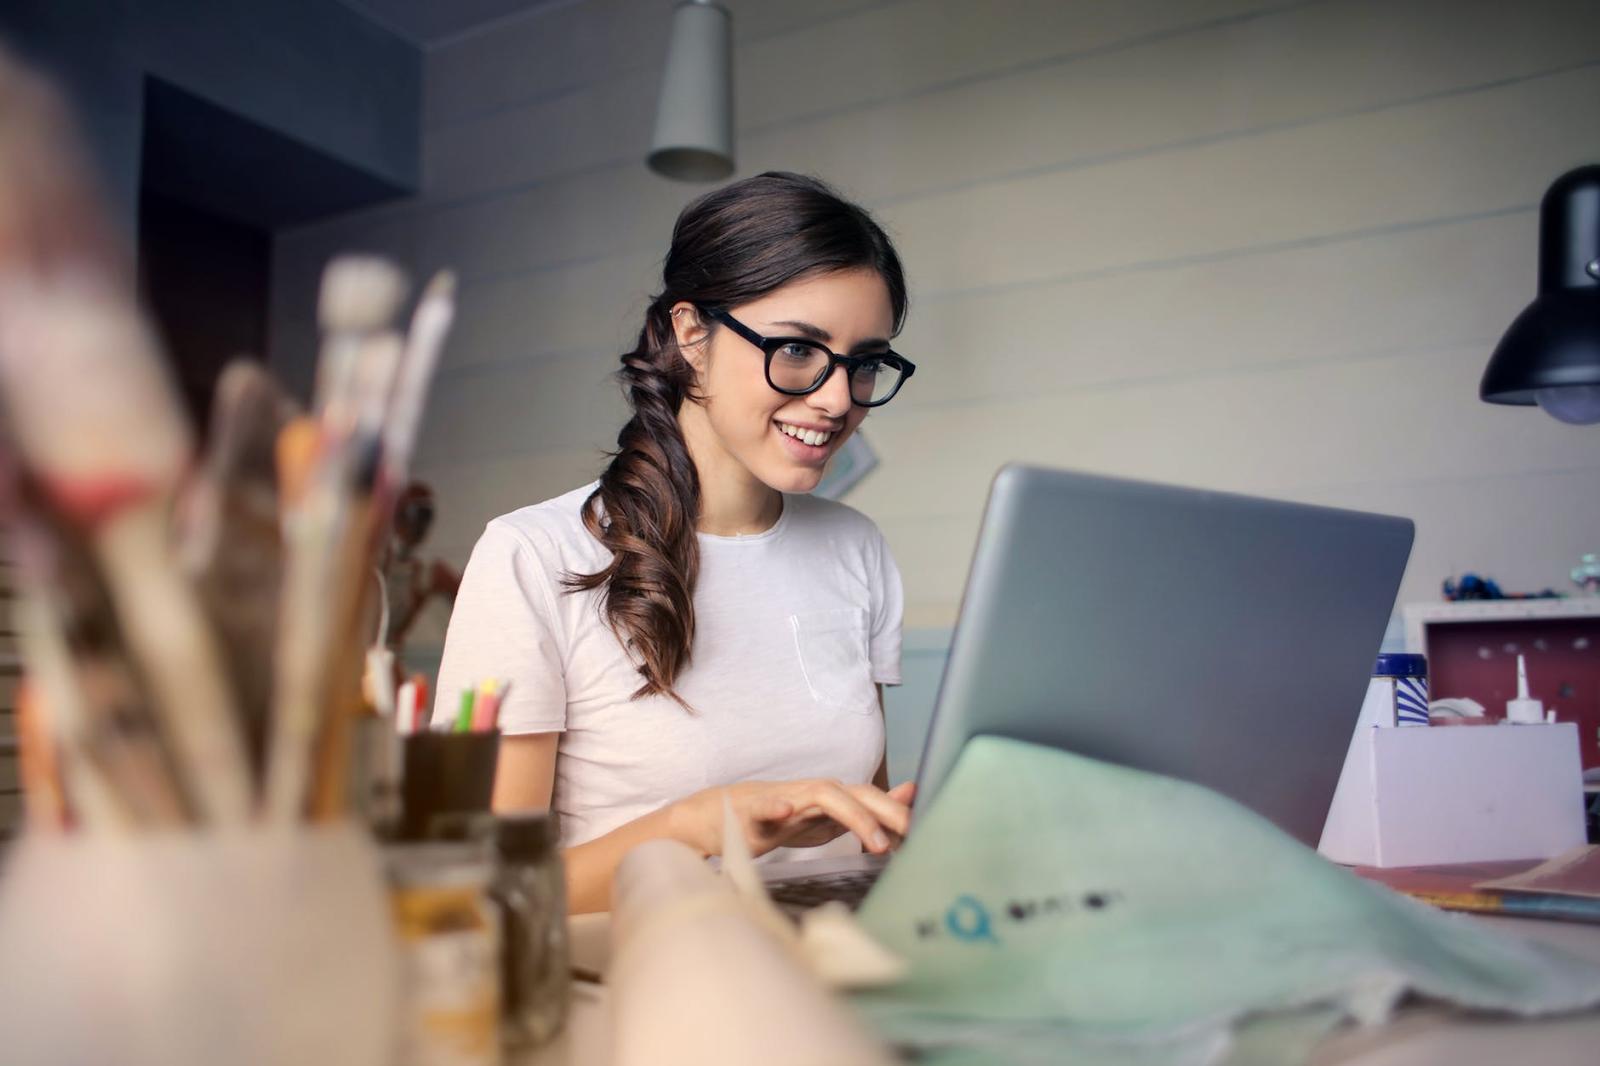 Carilah pekerjaan sampingan yang sesuai dengan kondisimu dan keahlianmu